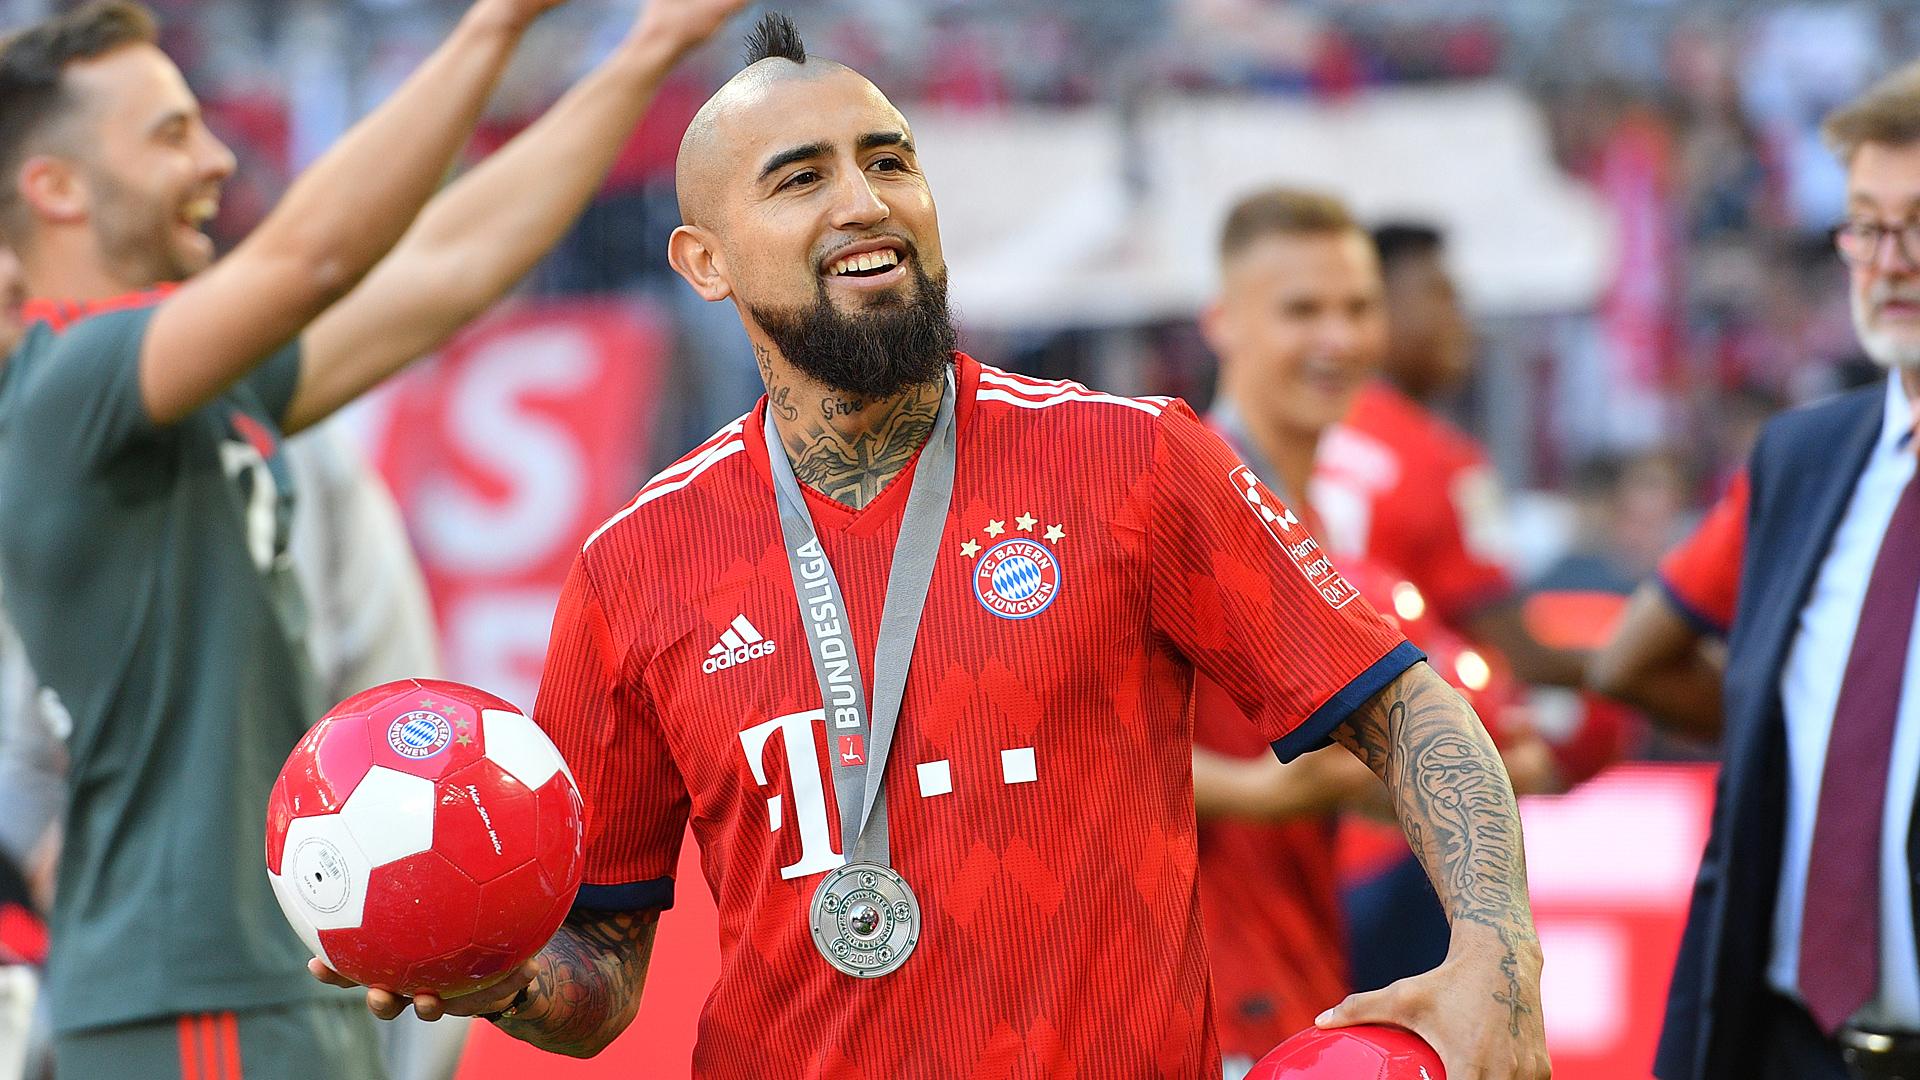 Así fue el paso de Arturo Vidal por Bayern Munich: números, estadísticas y títulos | Goal.com